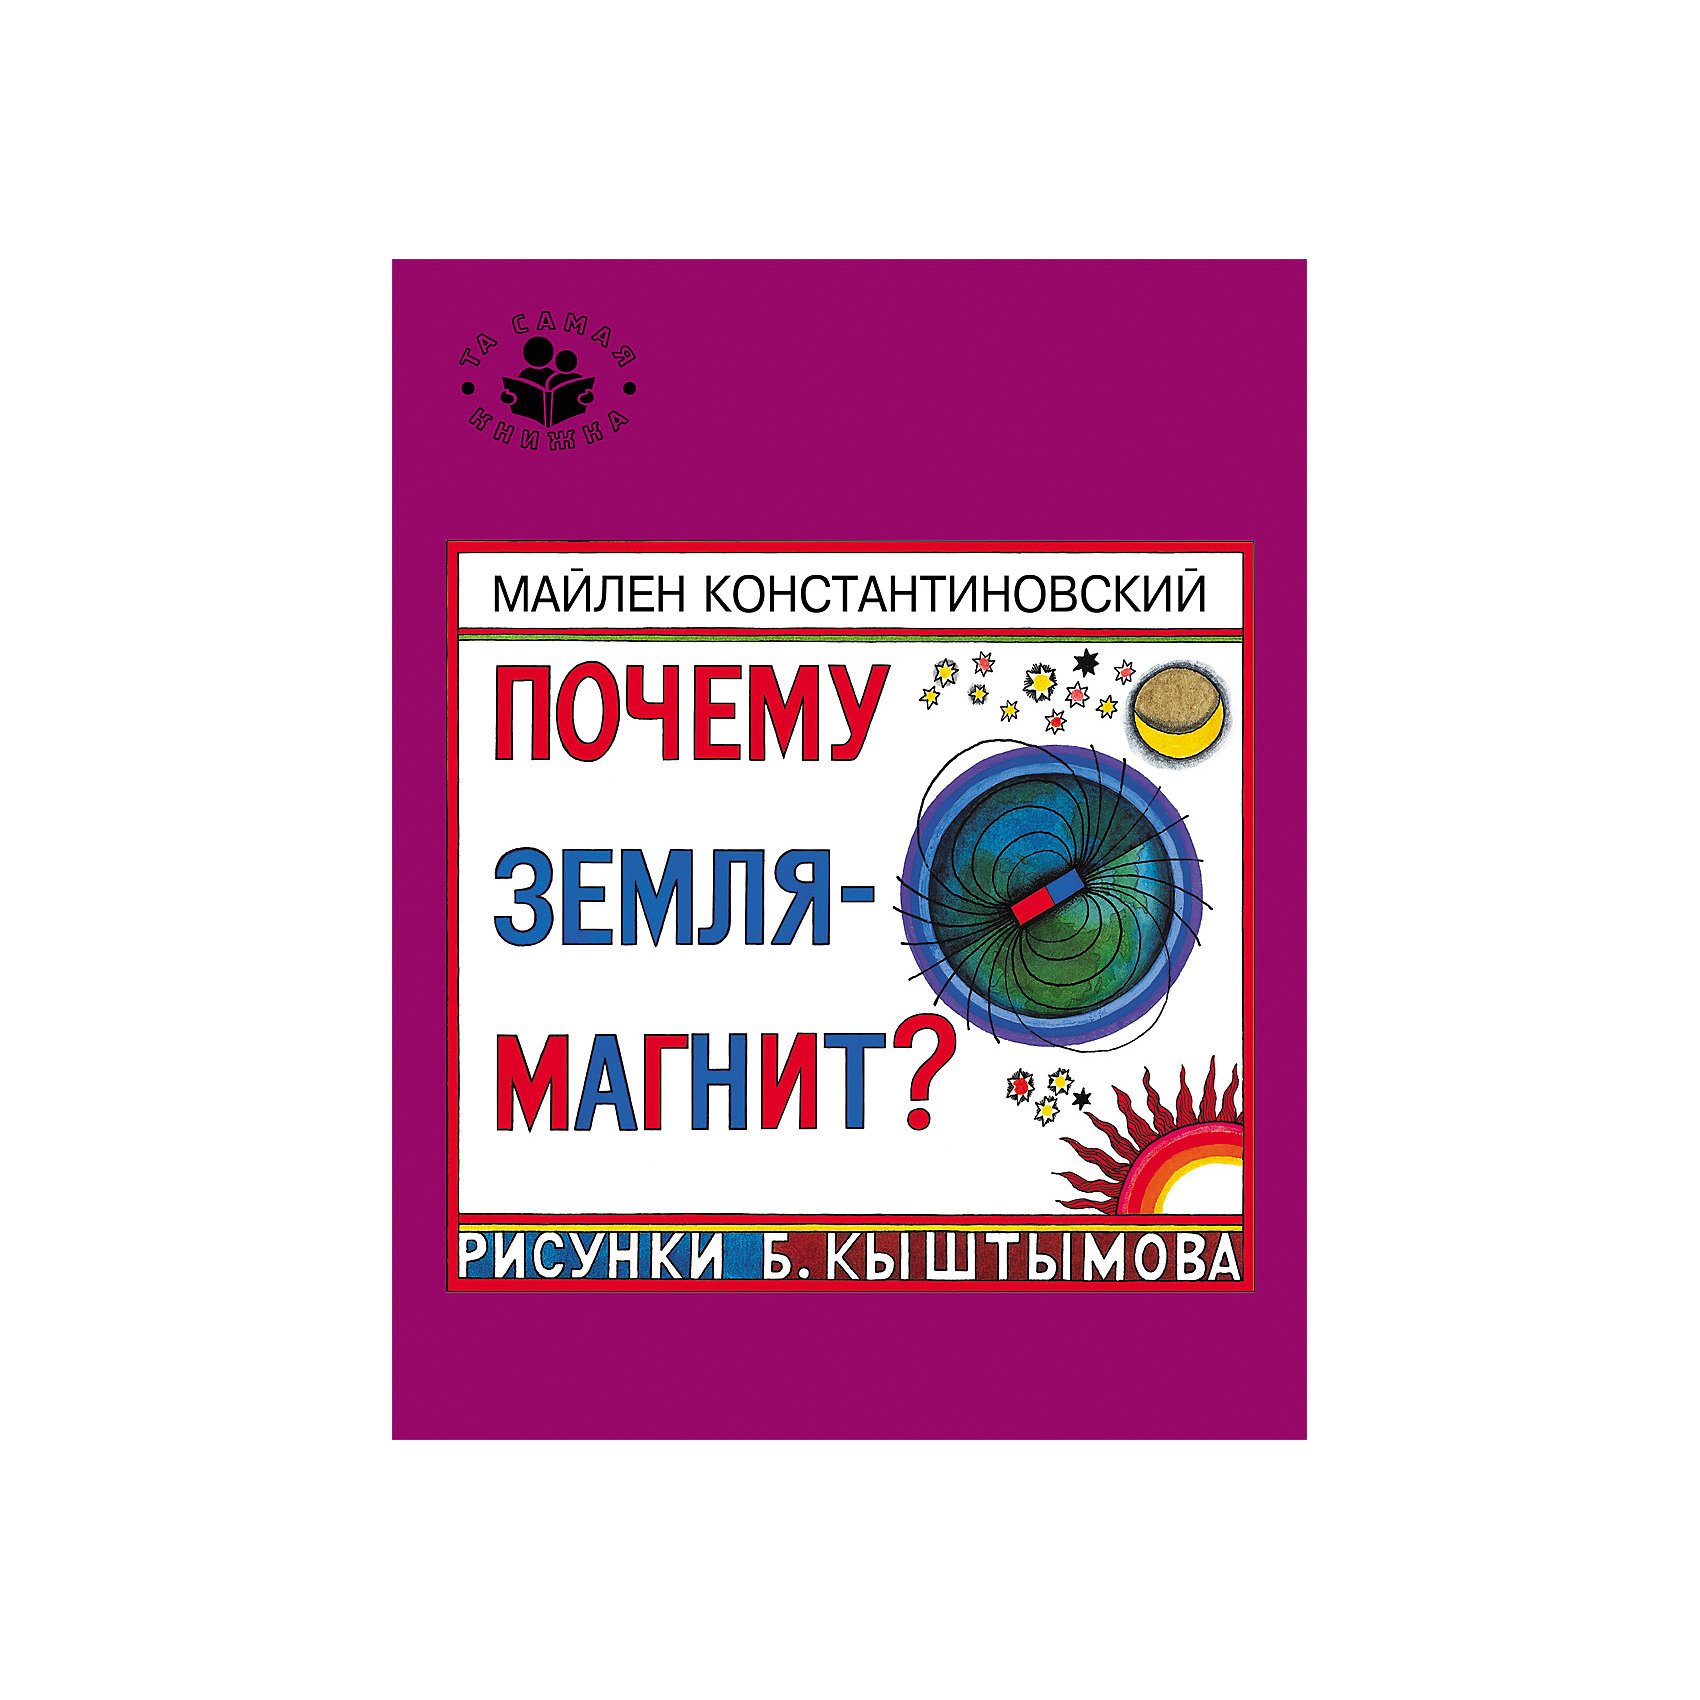 Почему Земля - магнит?Детские энциклопедии<br>Характеристики товара:<br><br>- цвет: разноцветный;<br>- материал: бумага;<br>- страниц: 24;<br>- формат: 25 х 20 см;<br>- обложка: твердая;<br>- иллюстрации.<br><br>Эта интересная книга с иллюстрациями станет отличным подарком для ребенка. Она содержит в себе ответы на вопросы, которые интересуют малышей. Всё представлено в очень простой форме! Талантливый иллюстратор дополнил книгу качественными рисунками, которые помогают ребенку понять суть многих вещей в нашем мире. Удивительные и интересные факты помогут привить любовь к учебе!<br>Чтение - отличный способ активизации мышления, оно помогает ребенку развивать зрительную память, концентрацию внимания и воображение. Издание произведено из качественных материалов, которые безопасны даже для самых маленьких.<br><br>Книгу Почему Земля - магнит? от компании Росмэн можно купить в нашем интернет-магазине.<br><br>Ширина мм: 255<br>Глубина мм: 205<br>Высота мм: 3<br>Вес г: 80<br>Возраст от месяцев: 60<br>Возраст до месяцев: 84<br>Пол: Унисекс<br>Возраст: Детский<br>SKU: 5109925